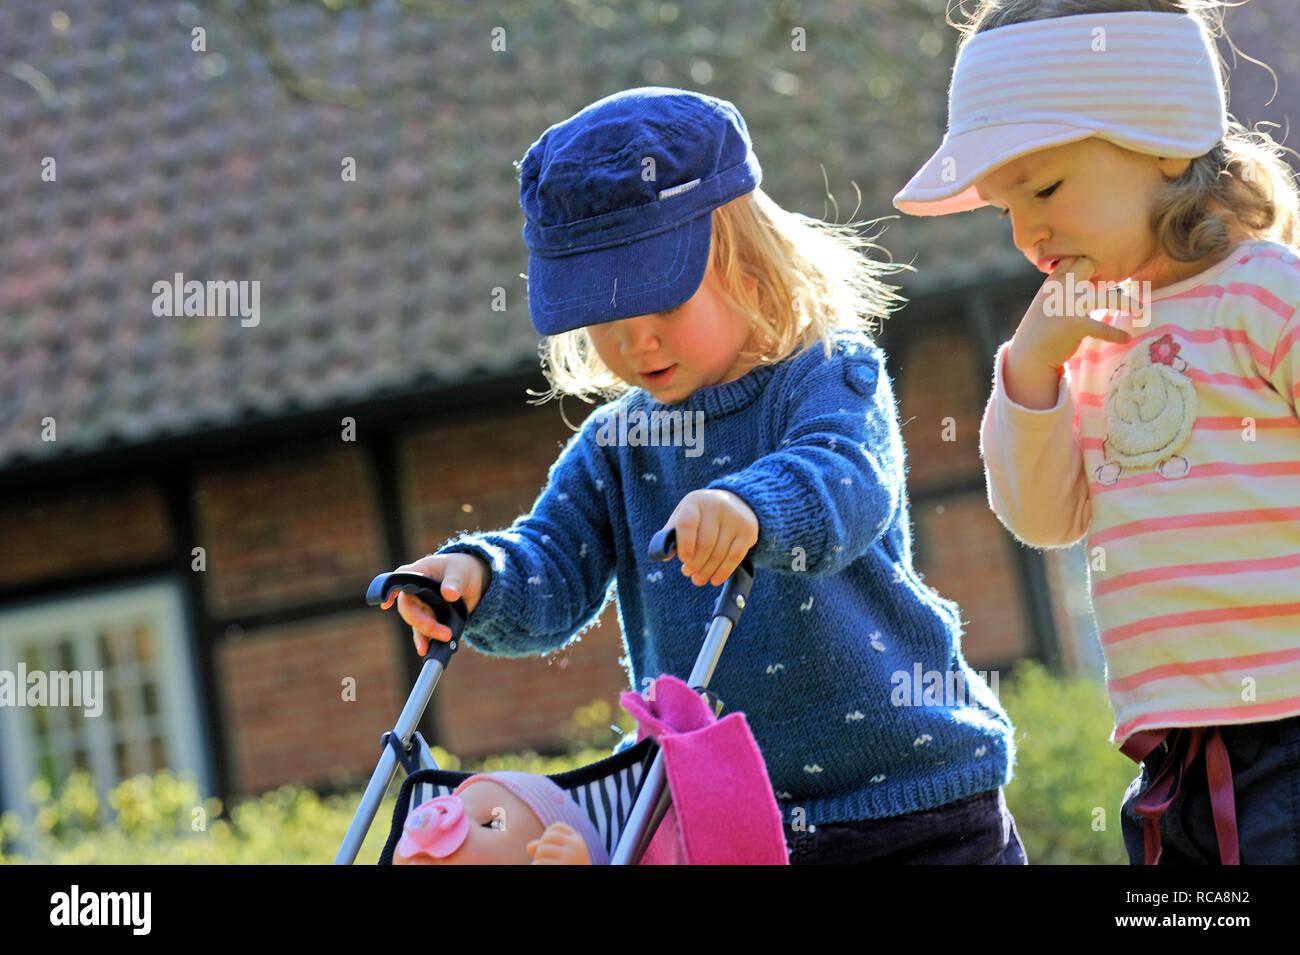 Kinder spielen mit Kinderwagen | Children playing with a buggy Stock Photo